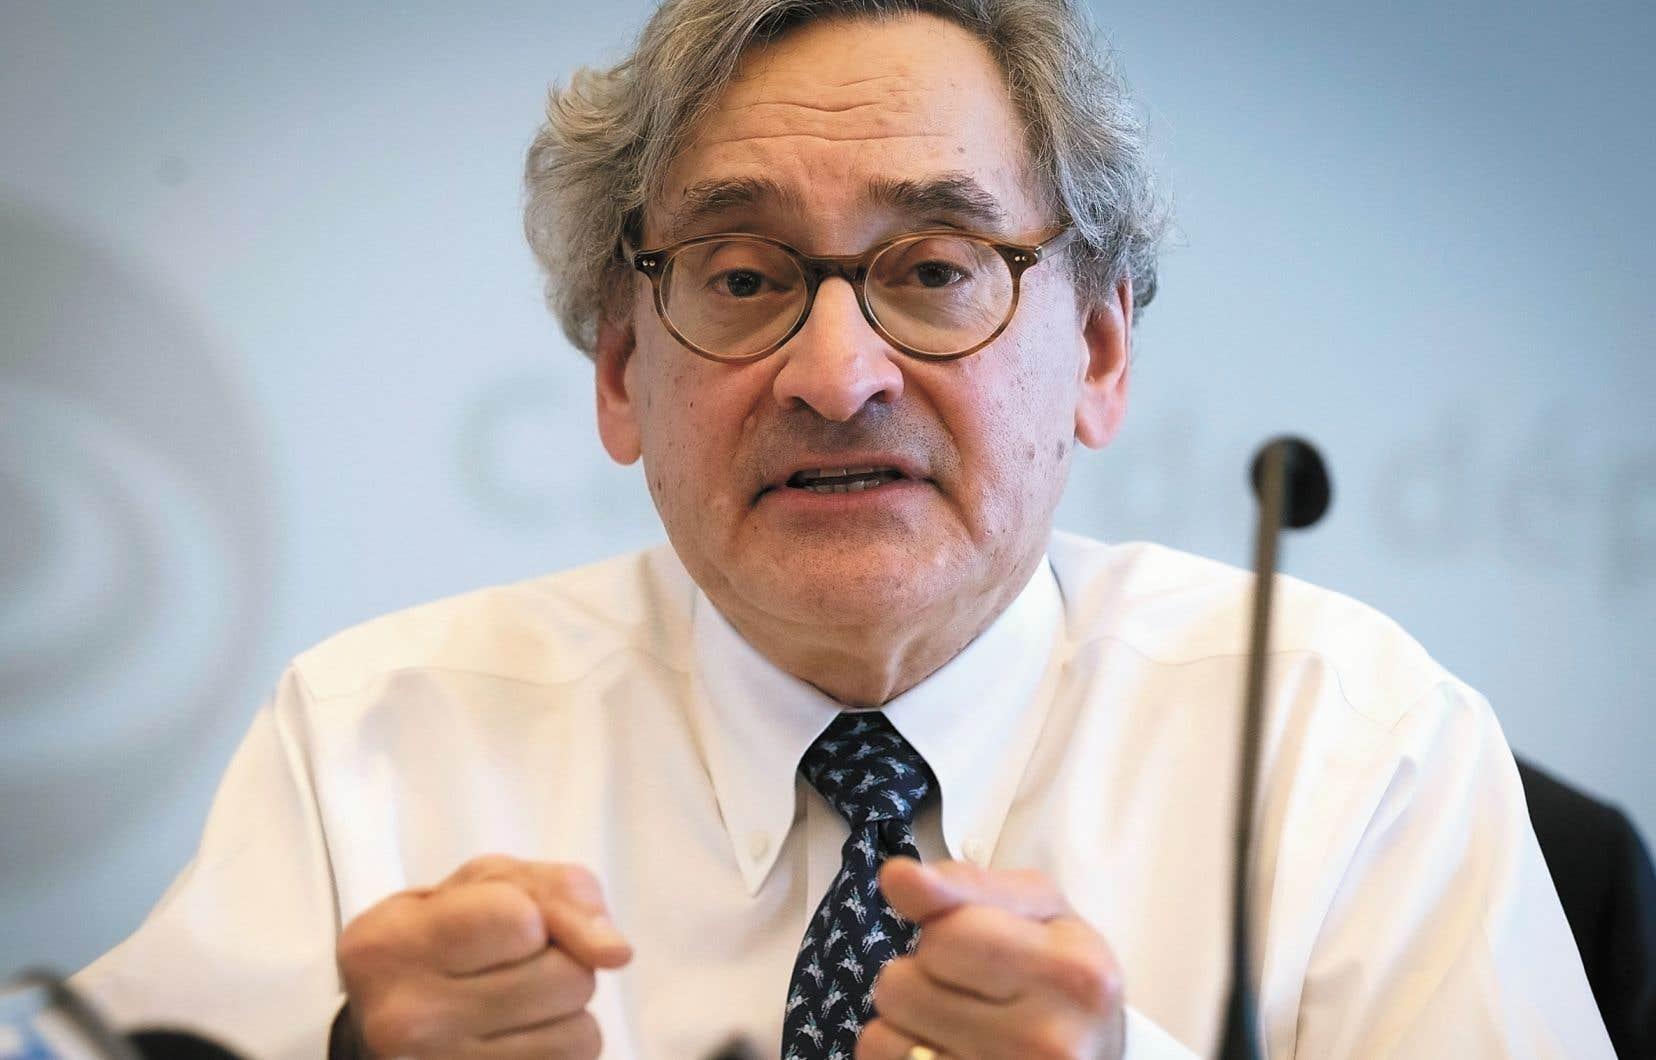 Le président de la Caisse de dépôt et placement du Québec, Michael Sabia, a eu à répondre aux questions des députés de l'opposition à l'Assemblée nationale.